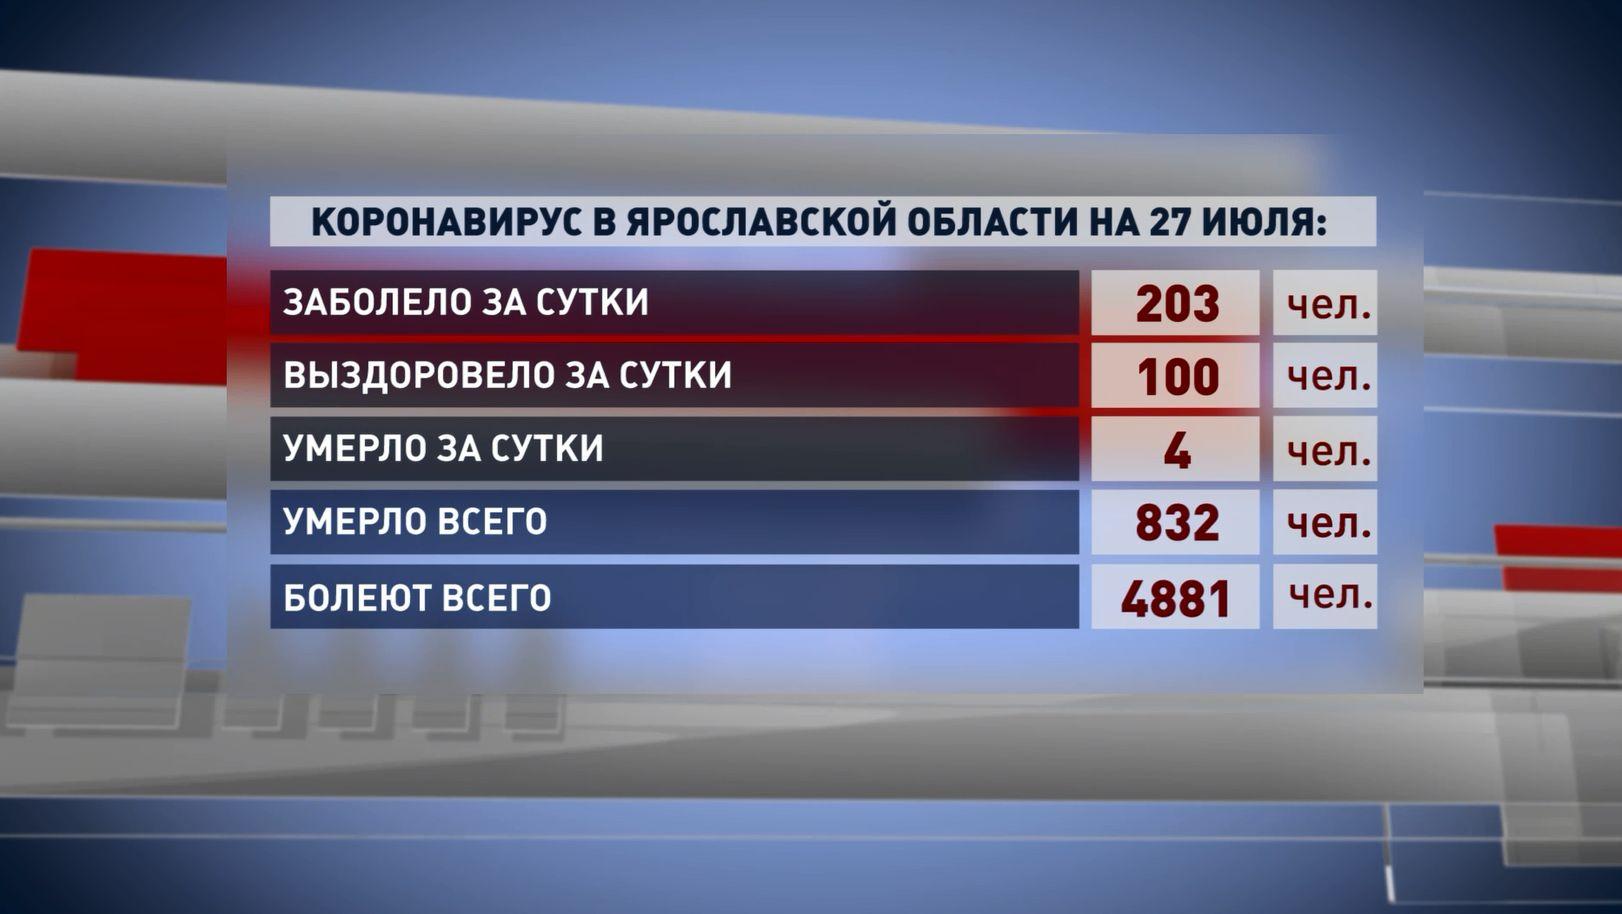 В Ярославской области ковидом болеют 4 881 человек